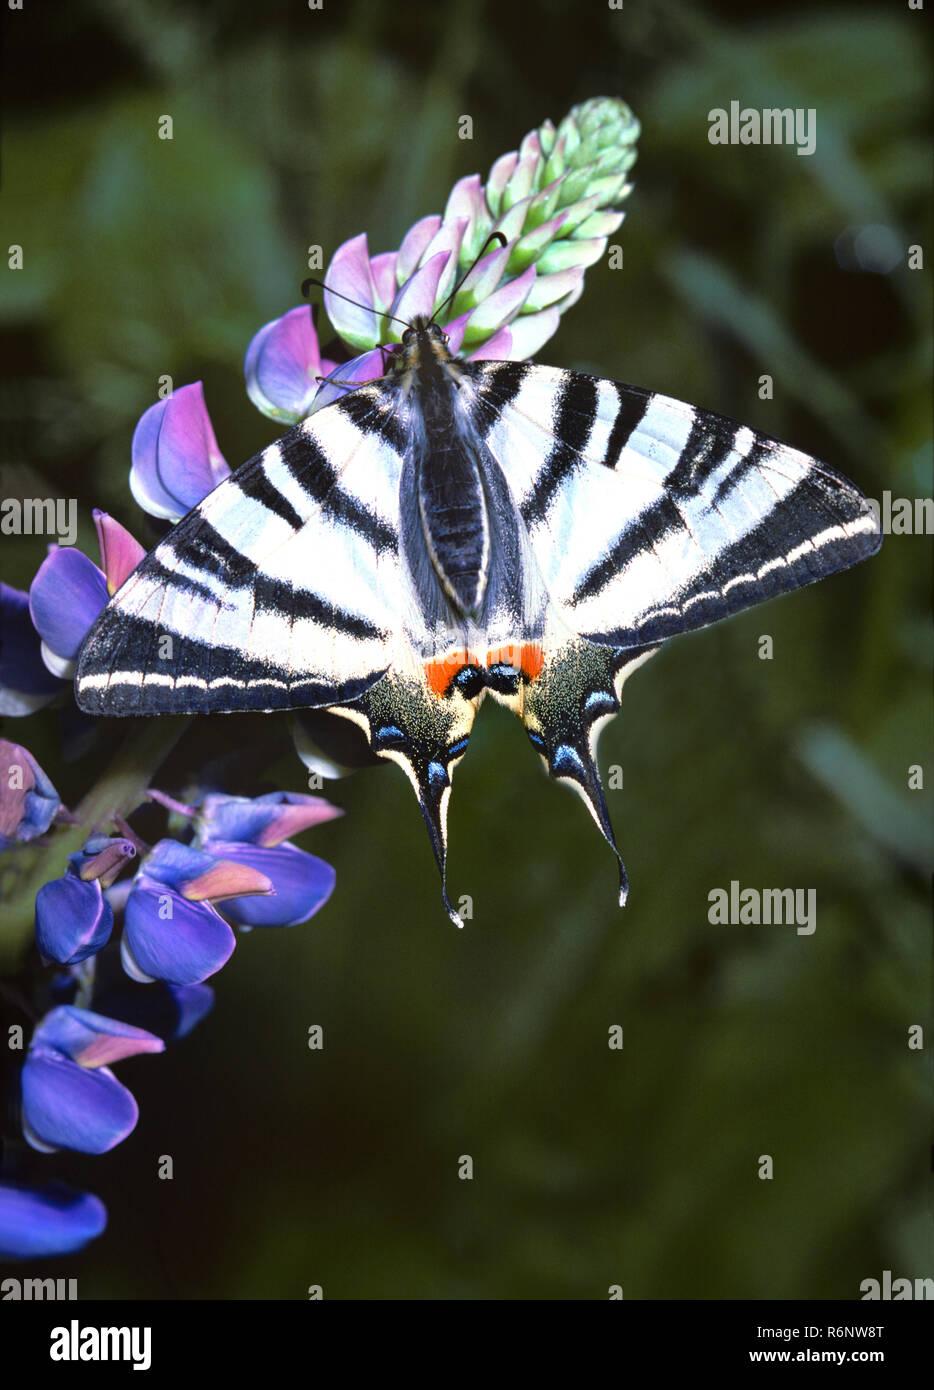 Segelfalter, Frühjahrsgeneration, mit geöffneten Flügeln auf Lupine Blüten. Scarce swallowtail with opened wings on lupin blossom. Stock Photo